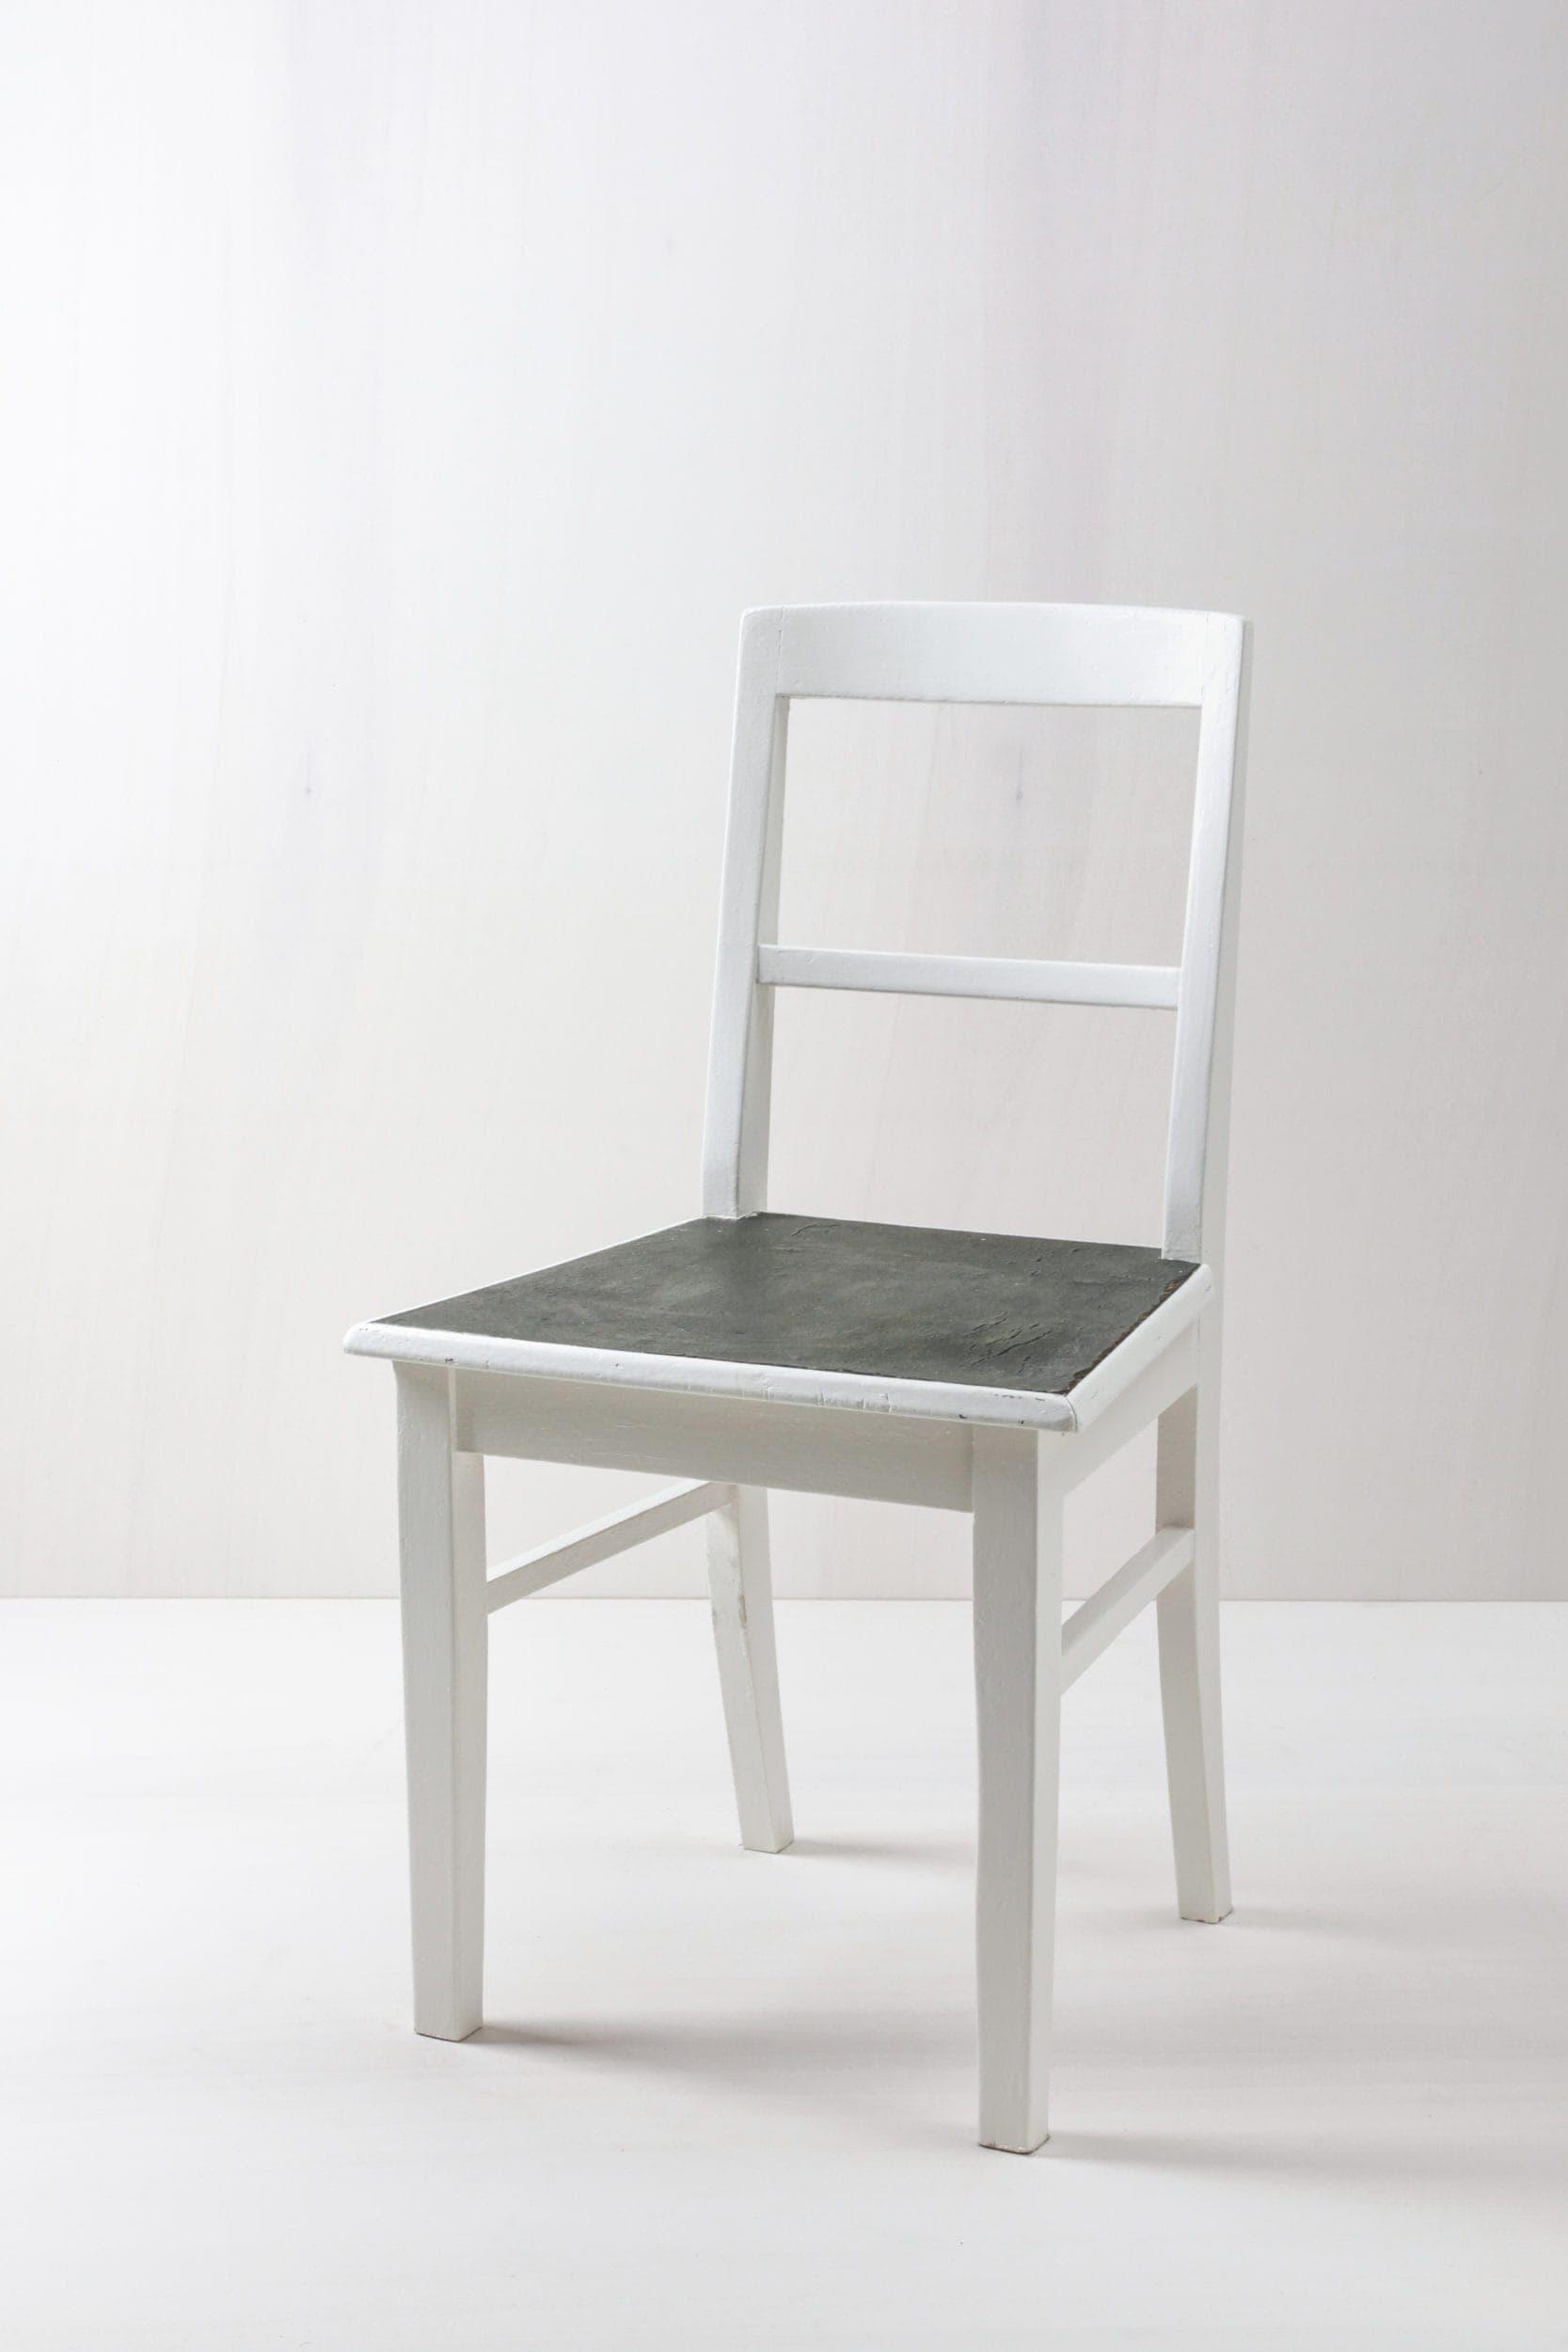 Mietmöbel für Ambiente, Bankett, Sitzgruppen, weiße Bestuhlung